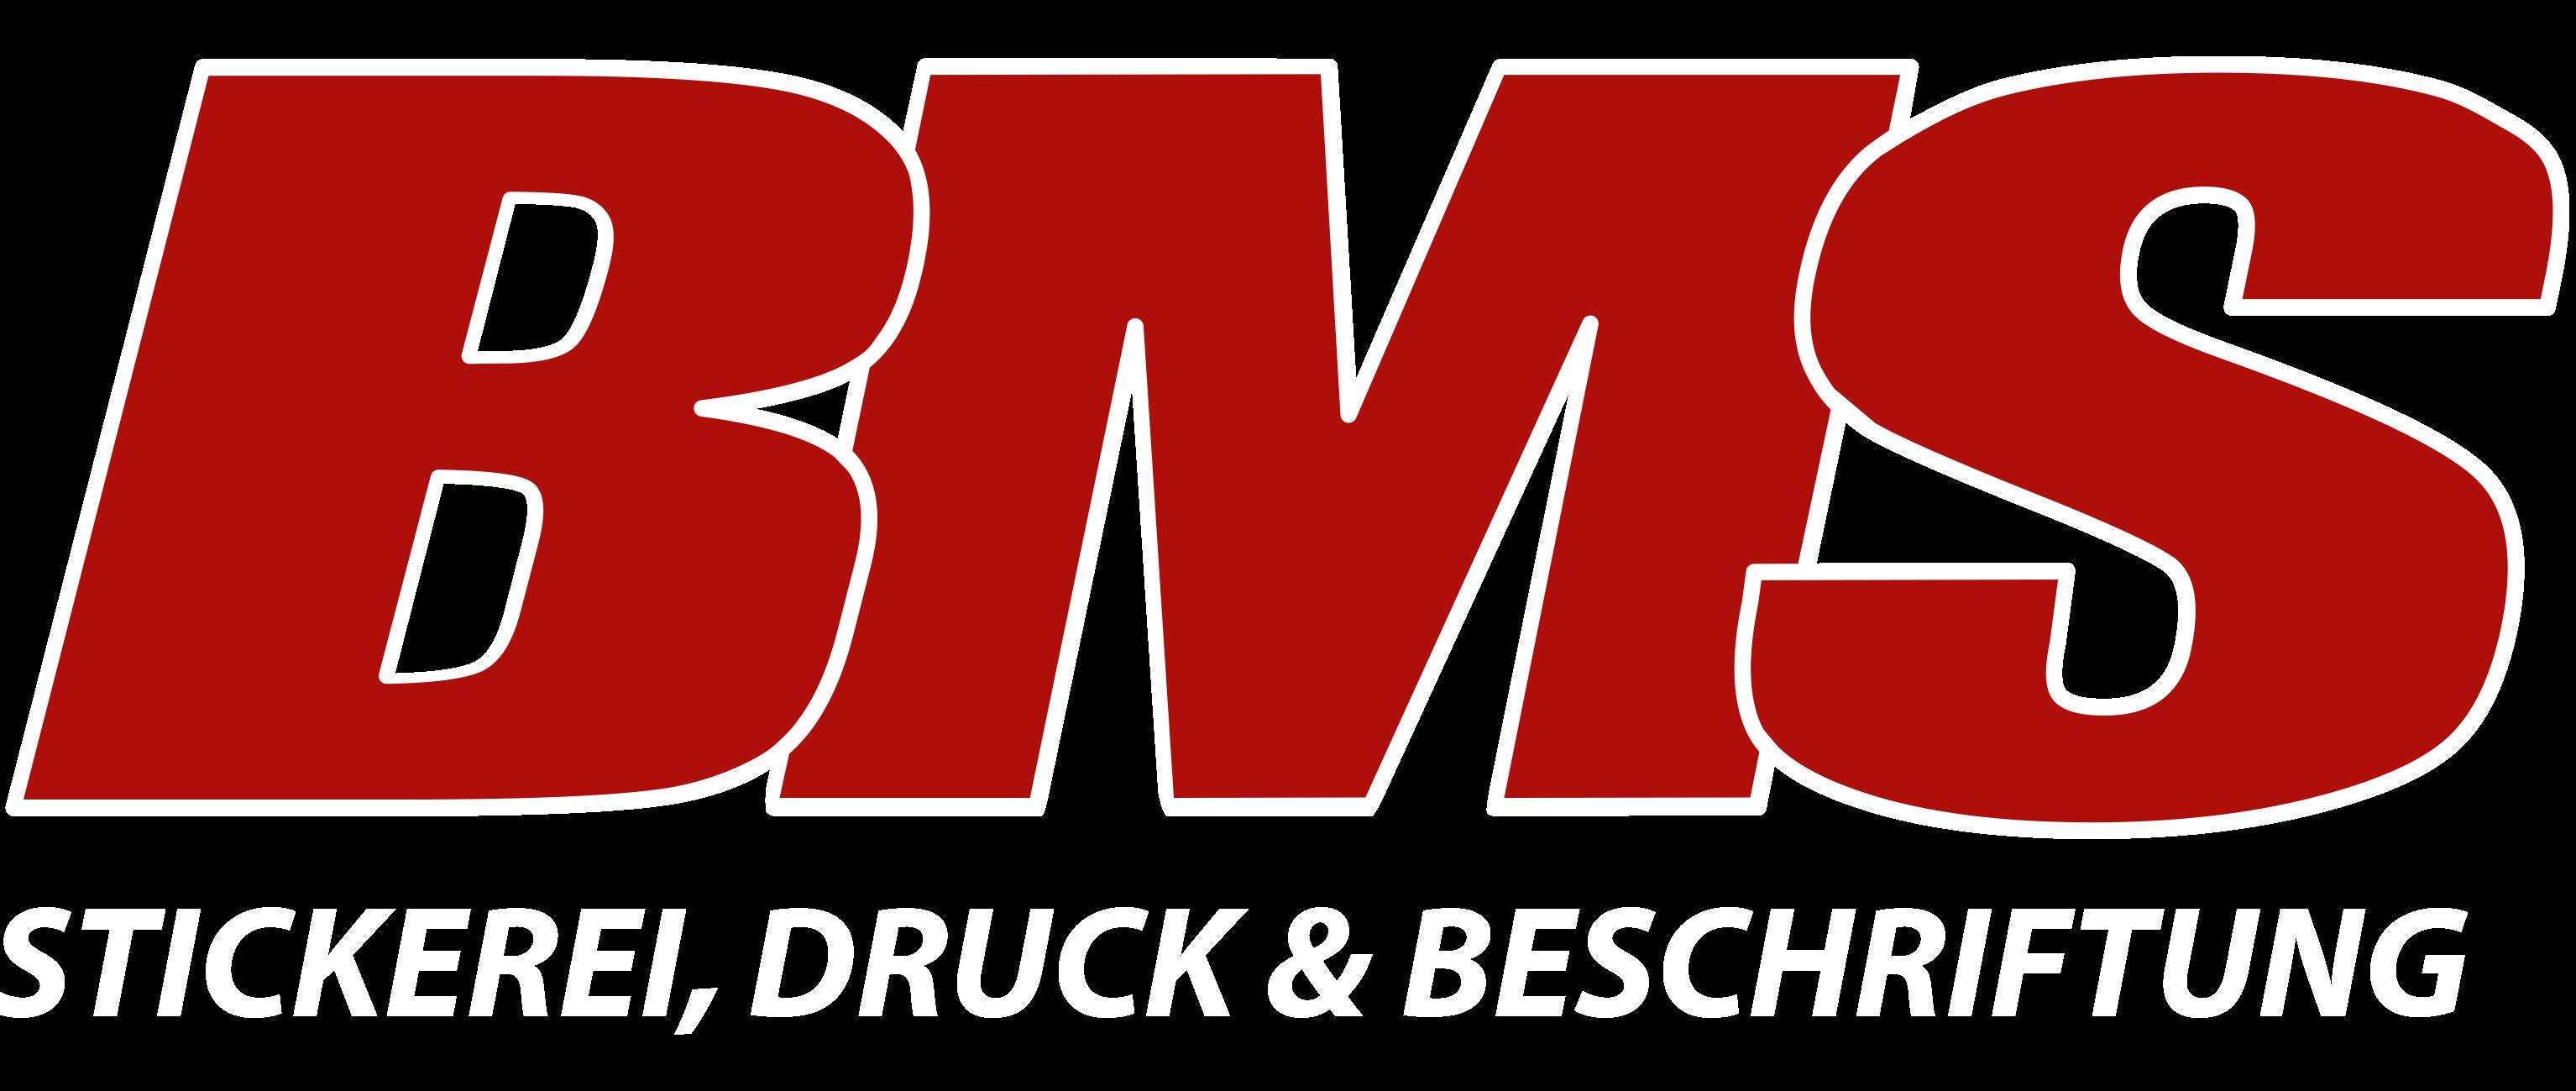 BMS-STICKEREI